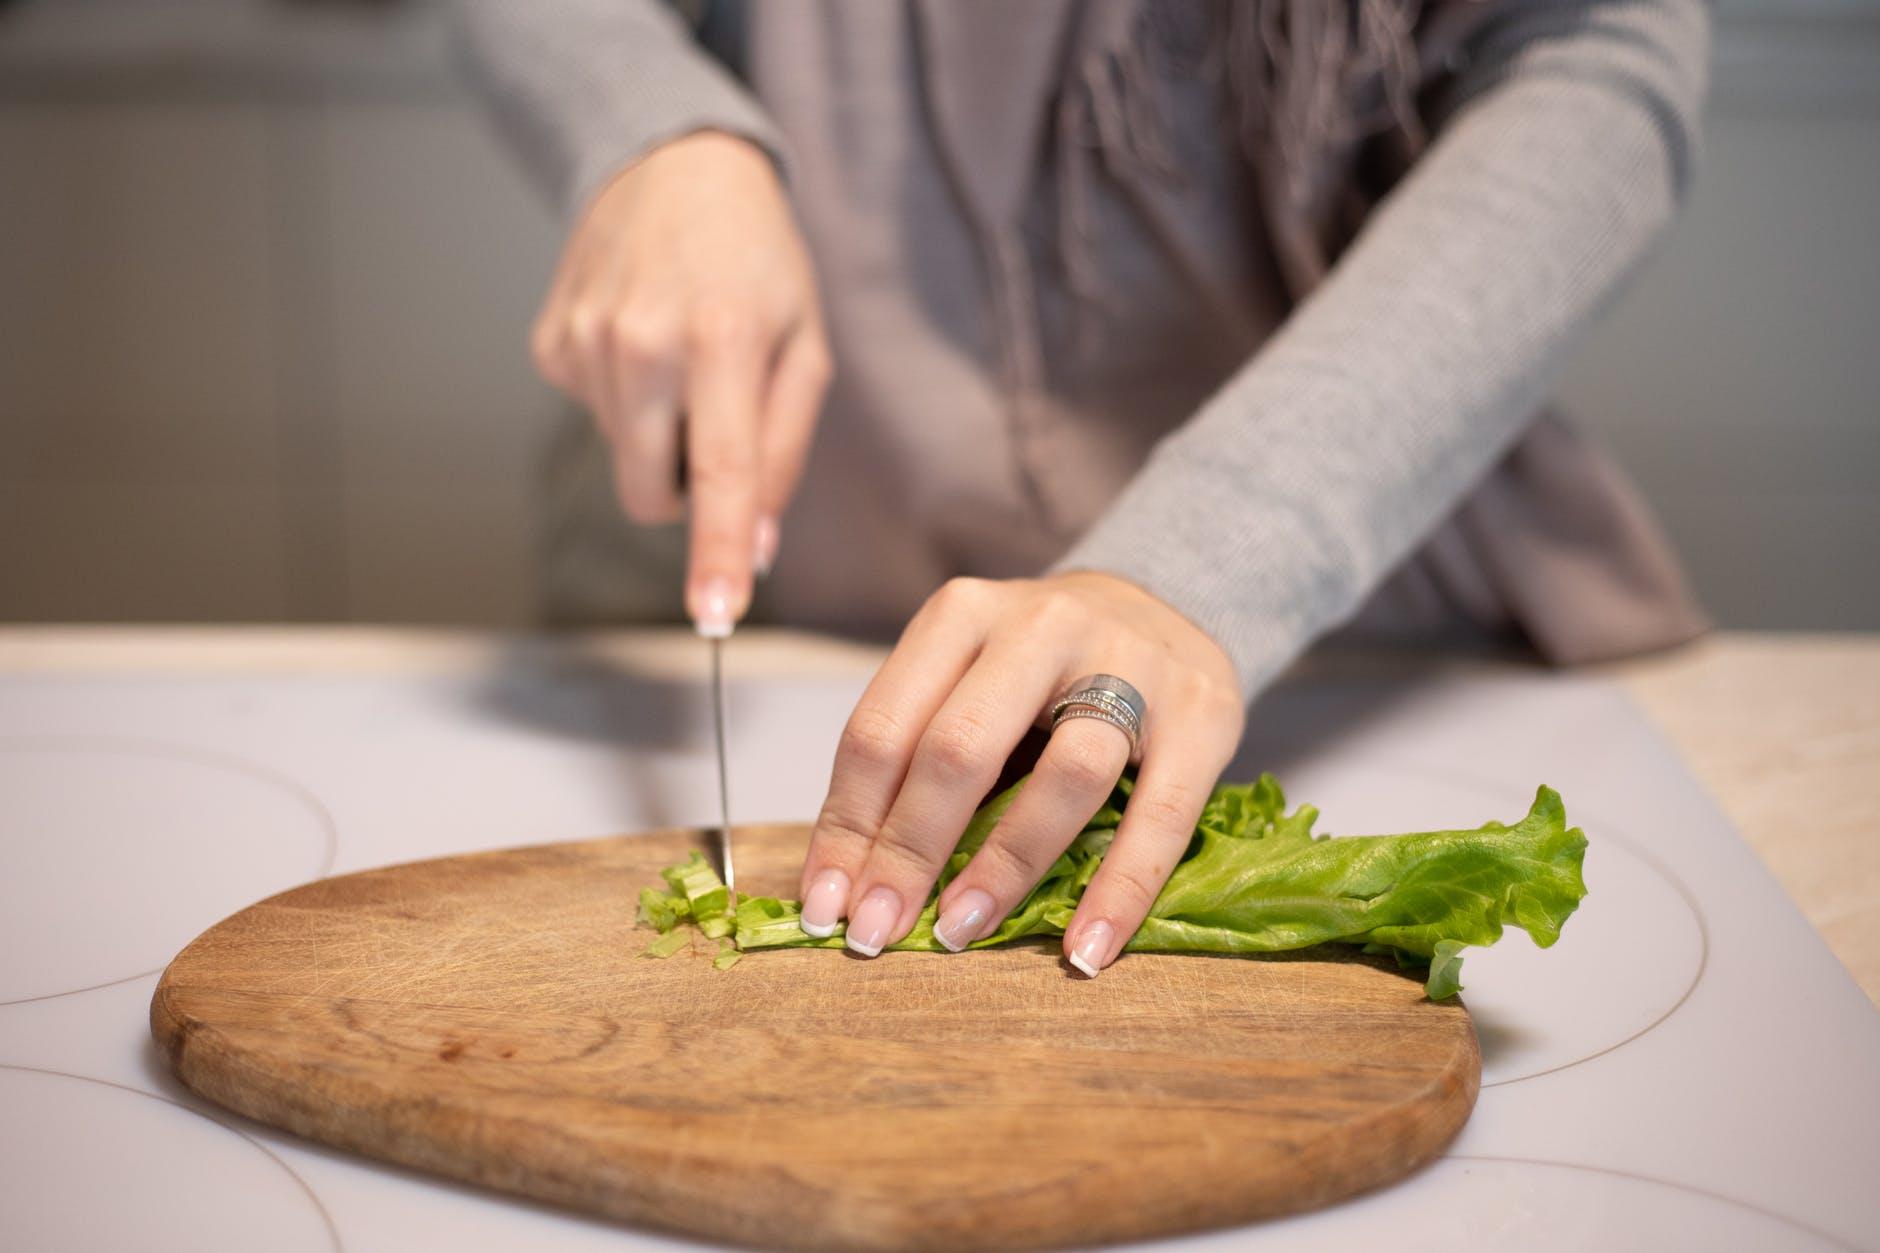 crop housewife cutting fresh salad in kitchen